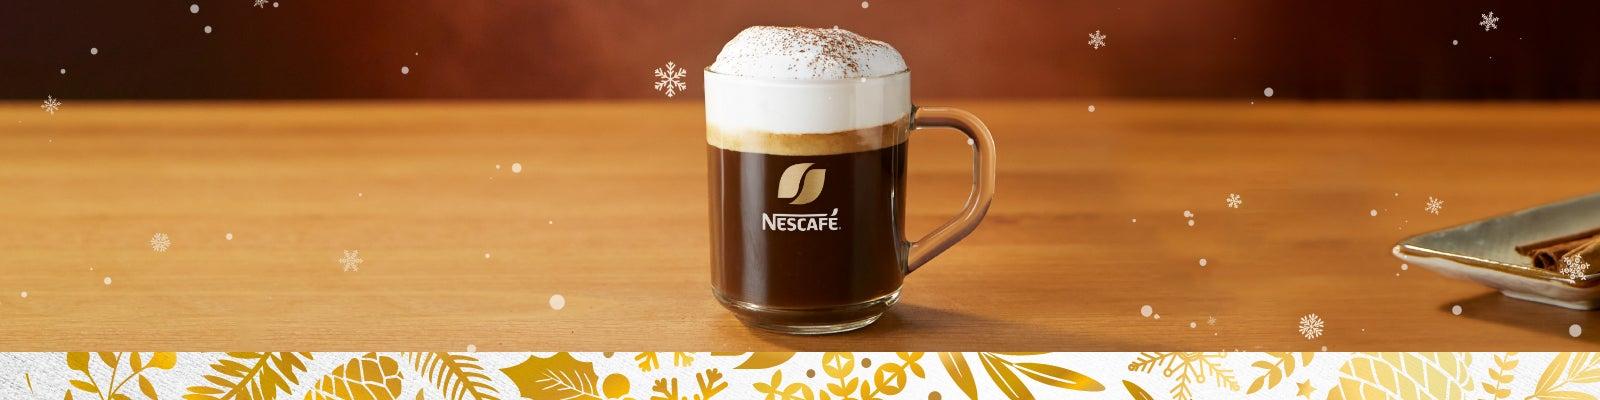 Nescafe Smoked Cinamon